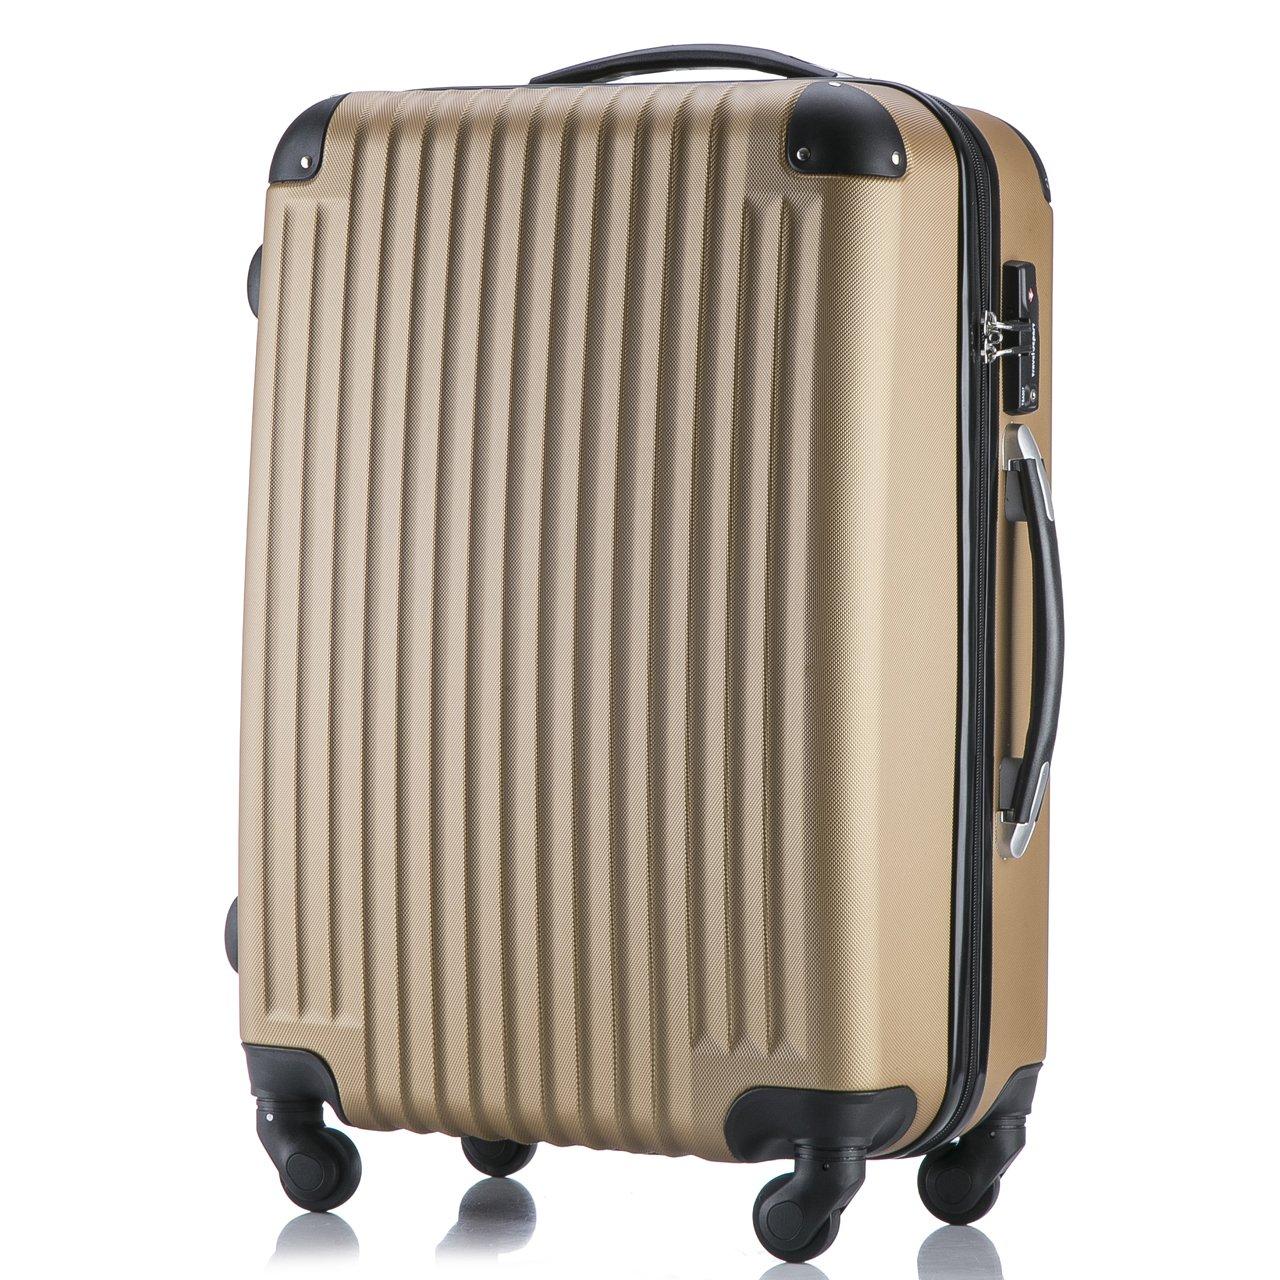 (トラベルデパート) 超軽量スーツケース TSAロック付 B01MTR6PIU Lサイズ(長期旅行用/86L)|ゴールド ゴールド Lサイズ(長期旅行用/86L)